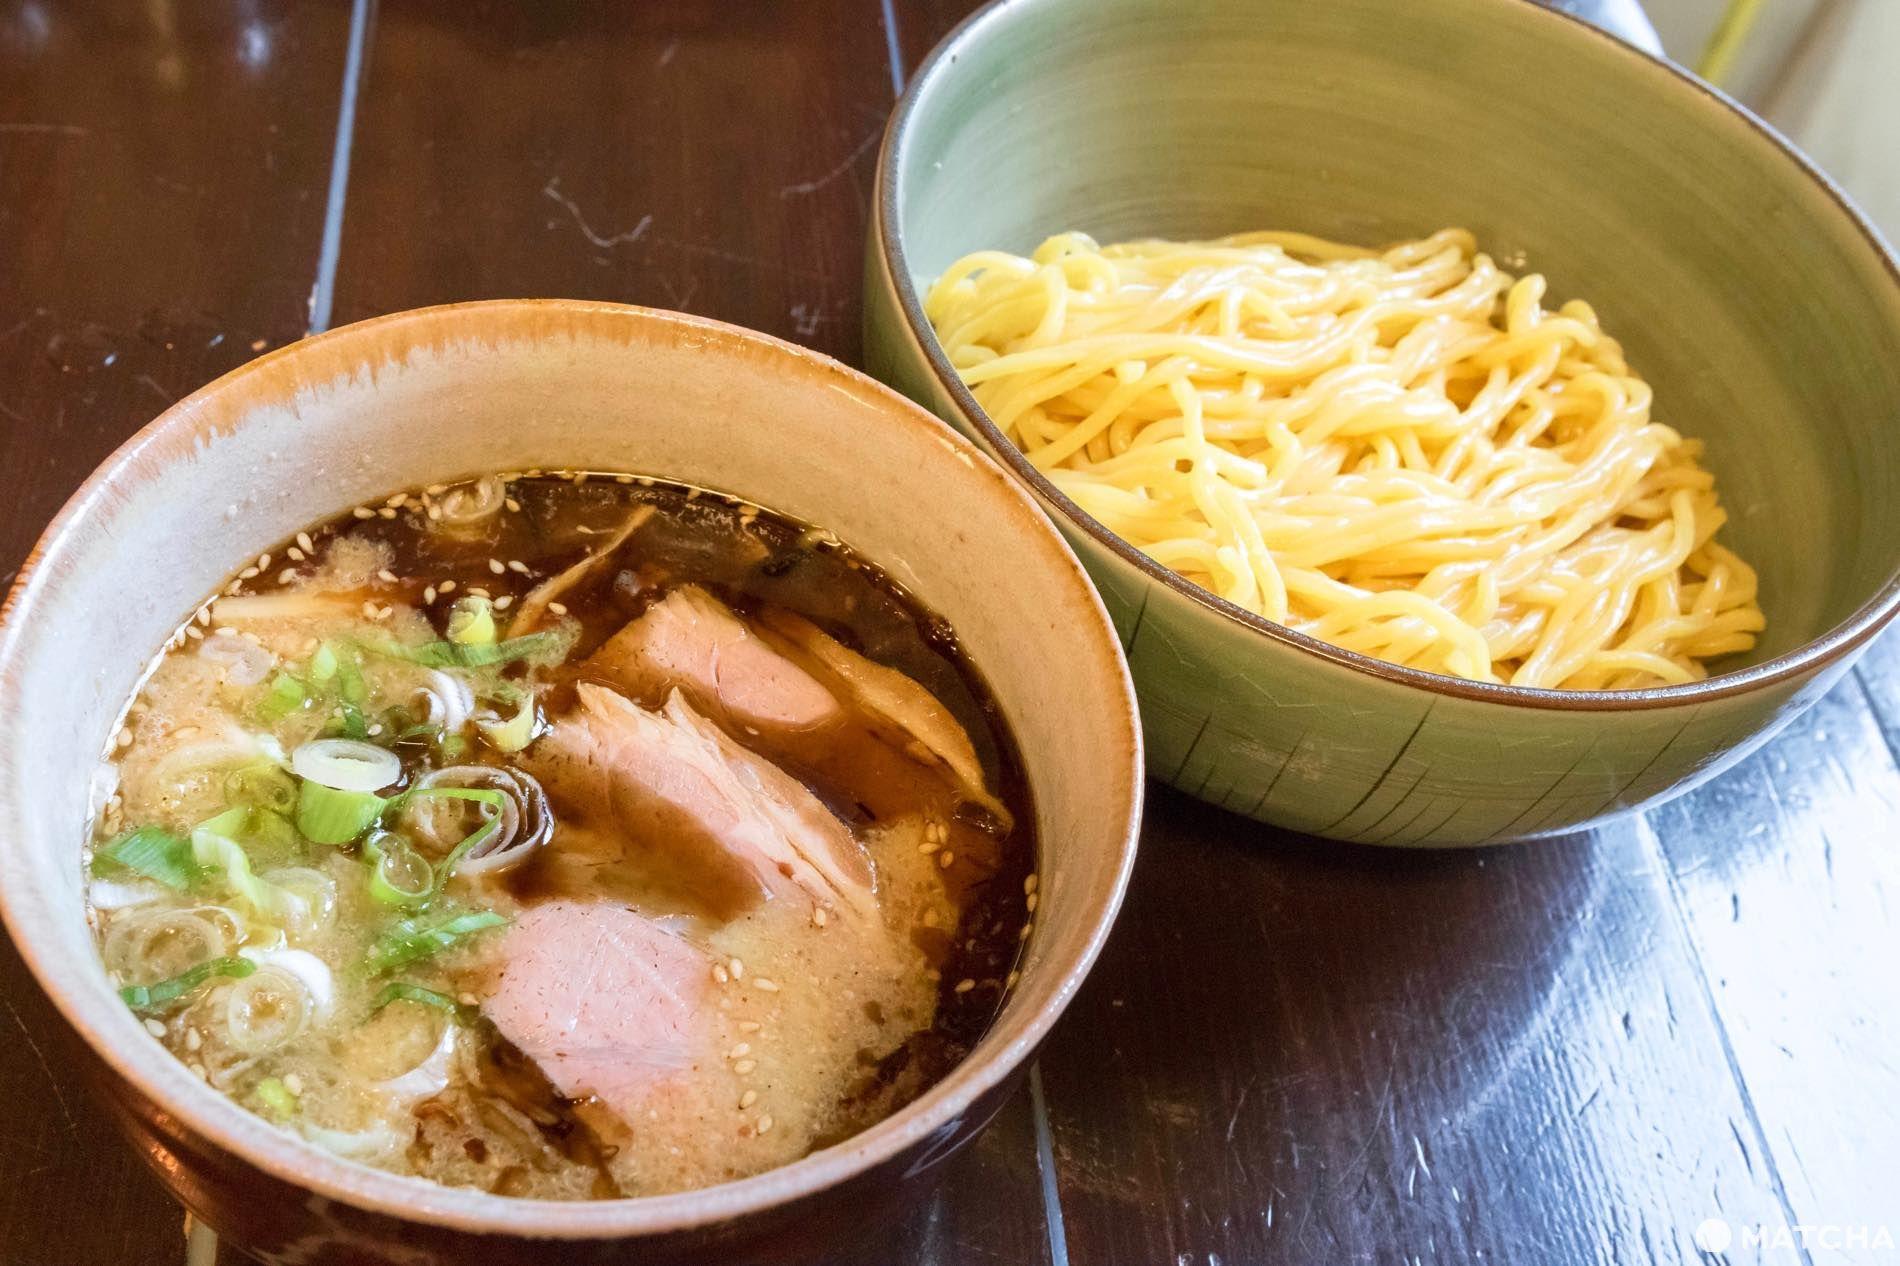 5000杯食べたマニアがオススメ!北海道・札幌市の激ウマ人気ラーメン30選